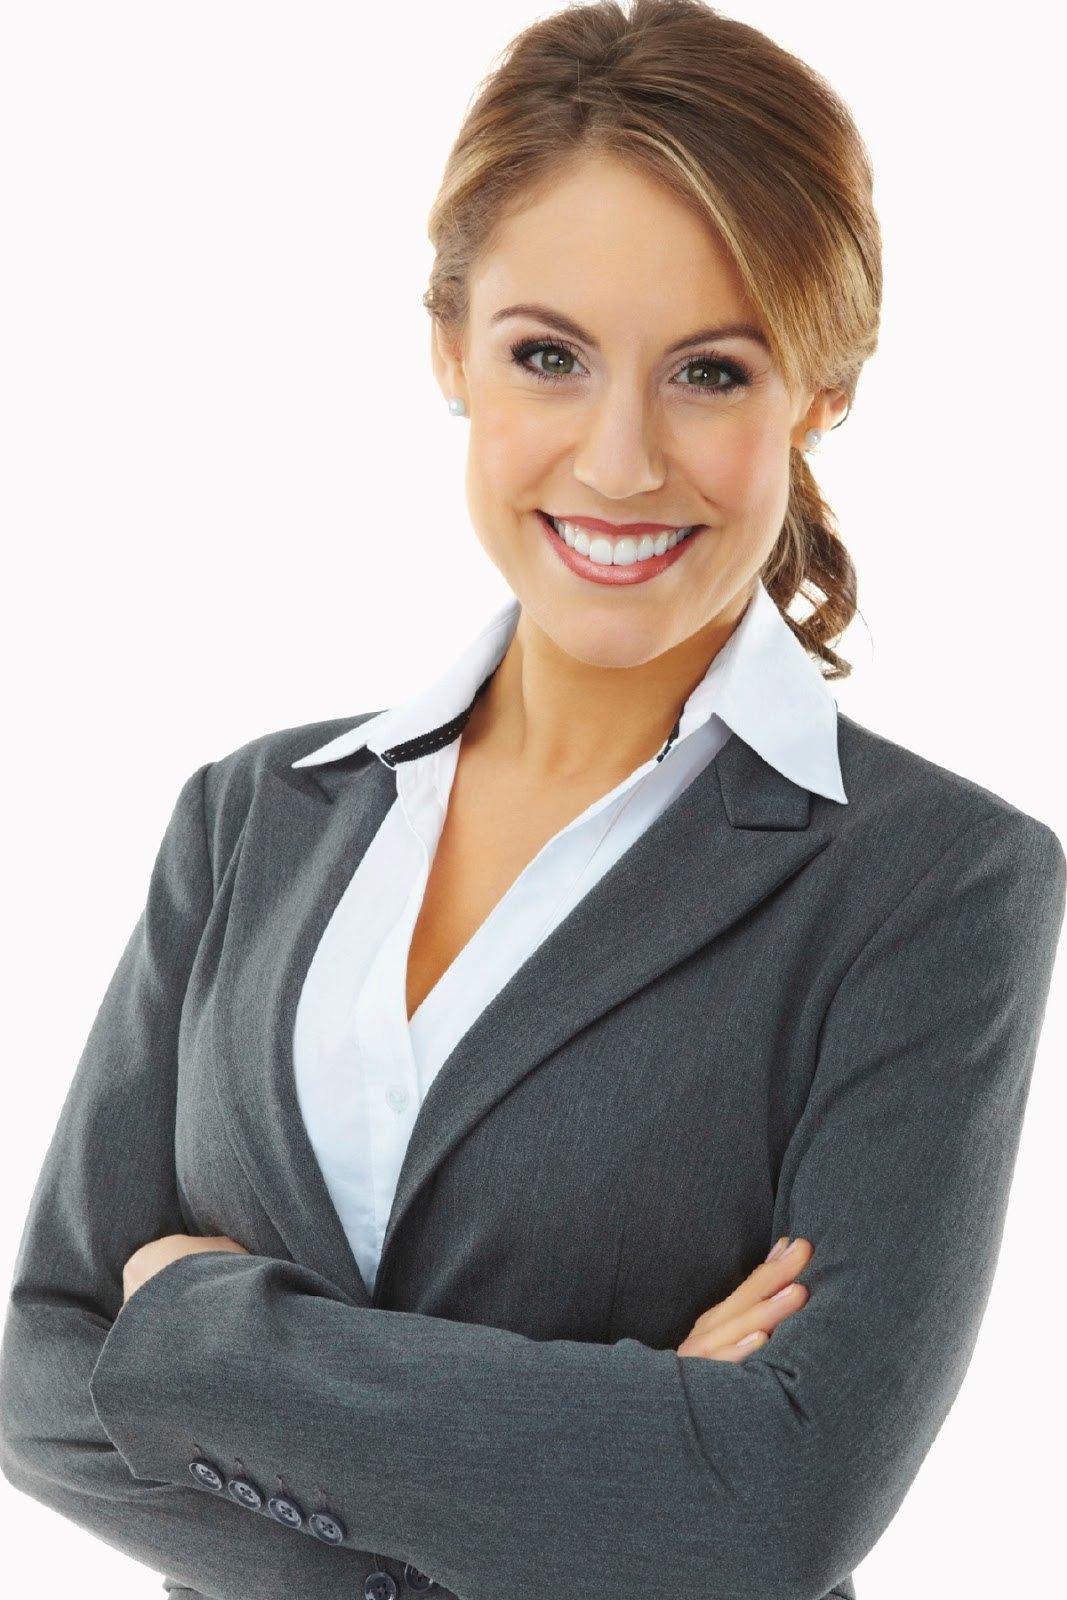 3 lucruri pe care TREBUIE sa le faca o femeie pana la 30 de ani!